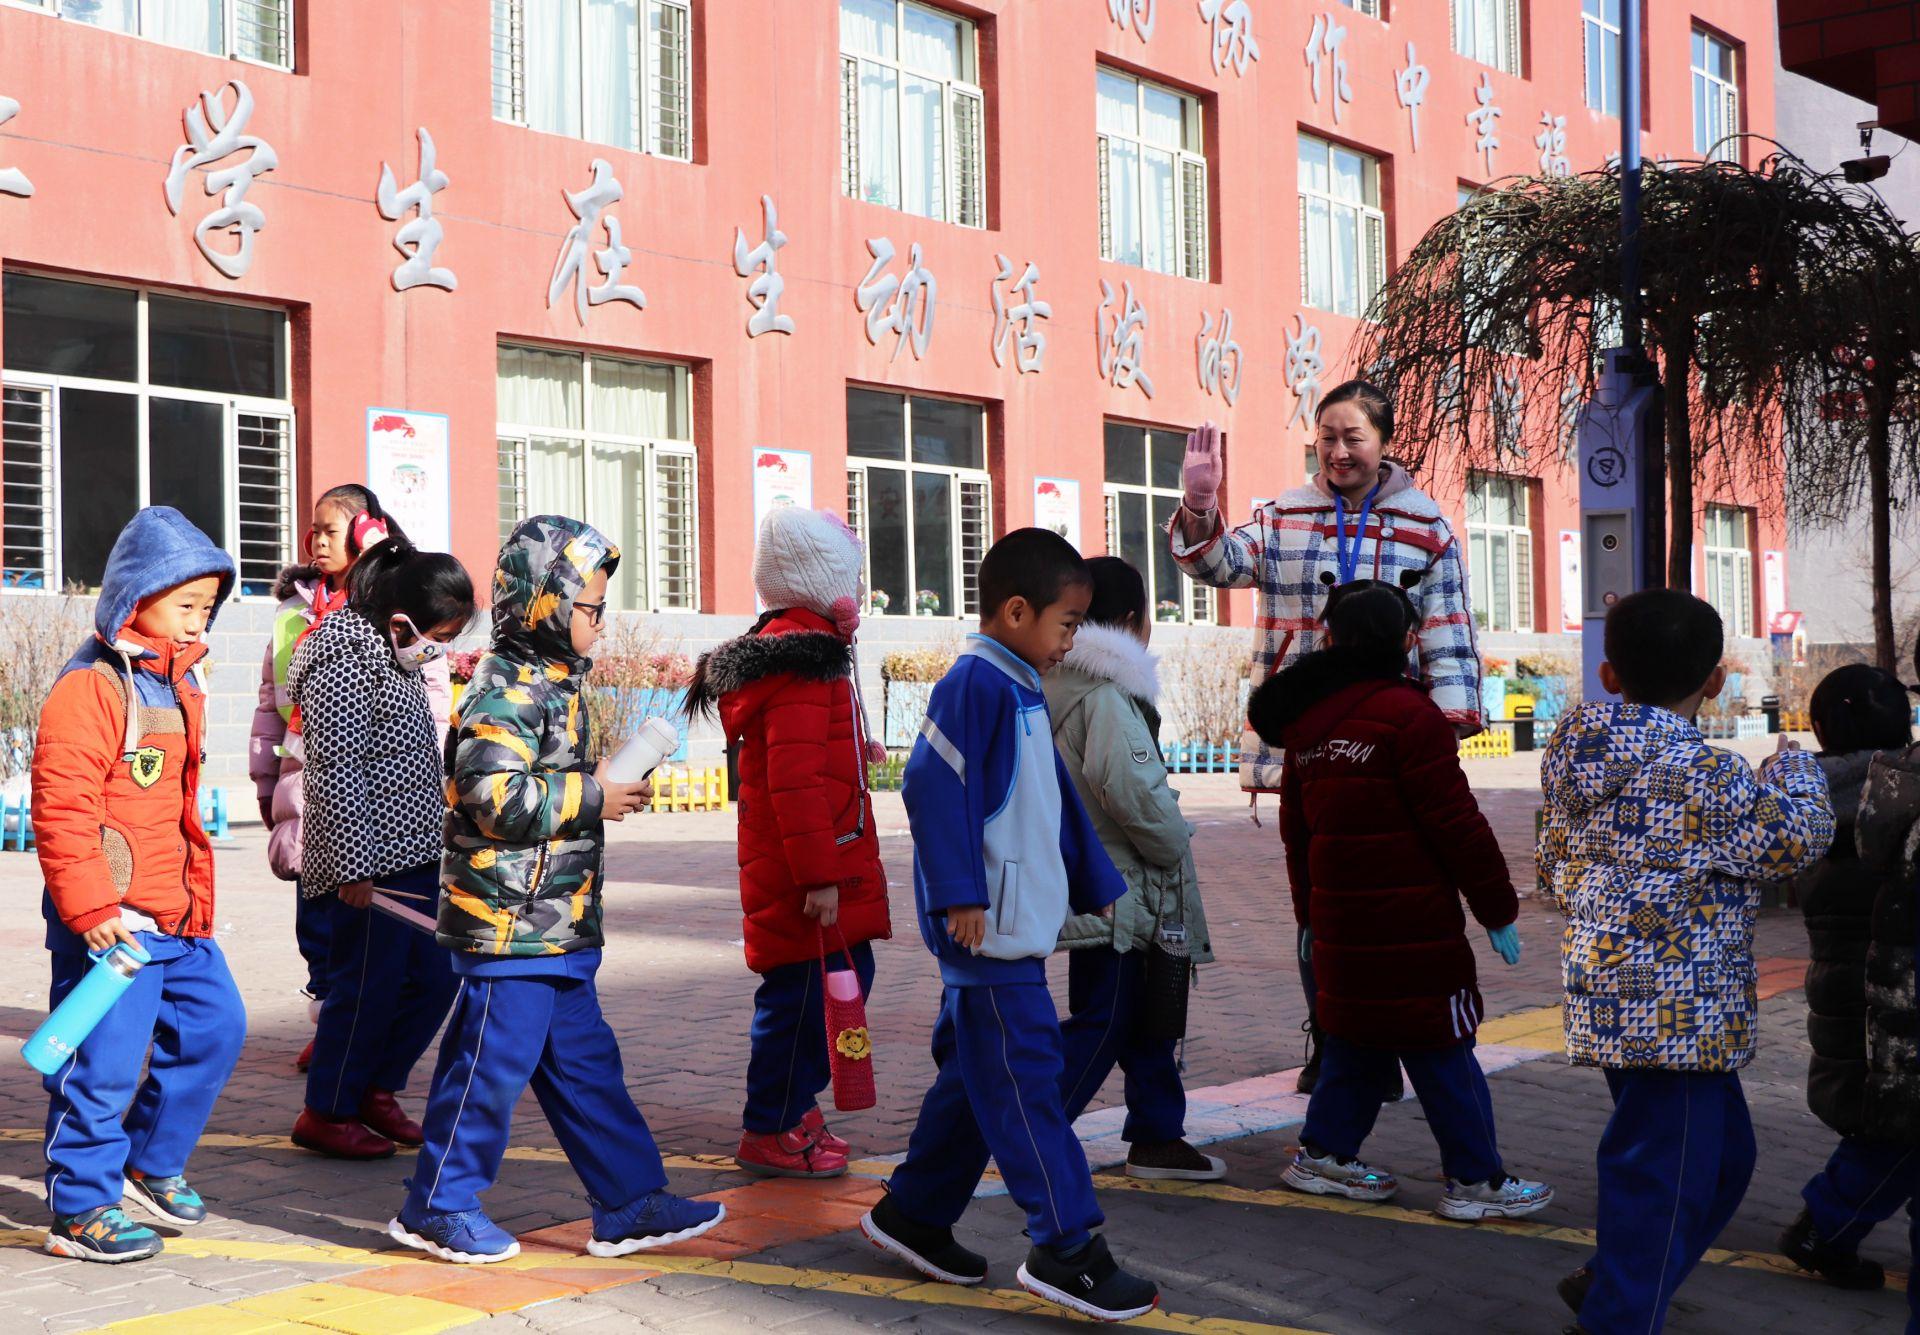 【身边的初心使命】安冬梅:办幸福教育 建卓越学校 做有情怀的教育工作者